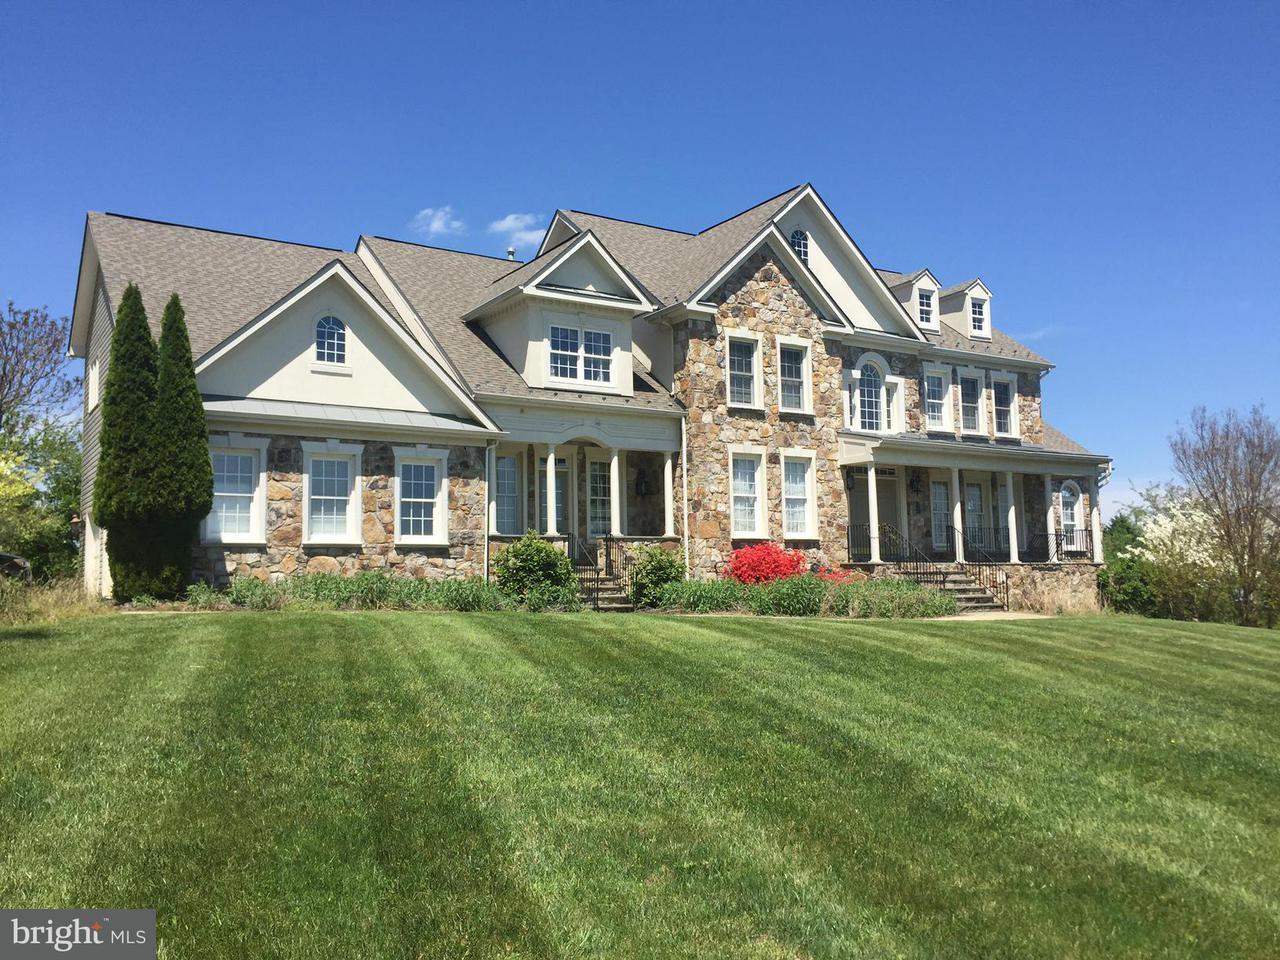 Maison unifamiliale pour l Vente à 14416 MONTICELLO Drive 14416 MONTICELLO Drive Cooksville, Maryland 21723 États-Unis